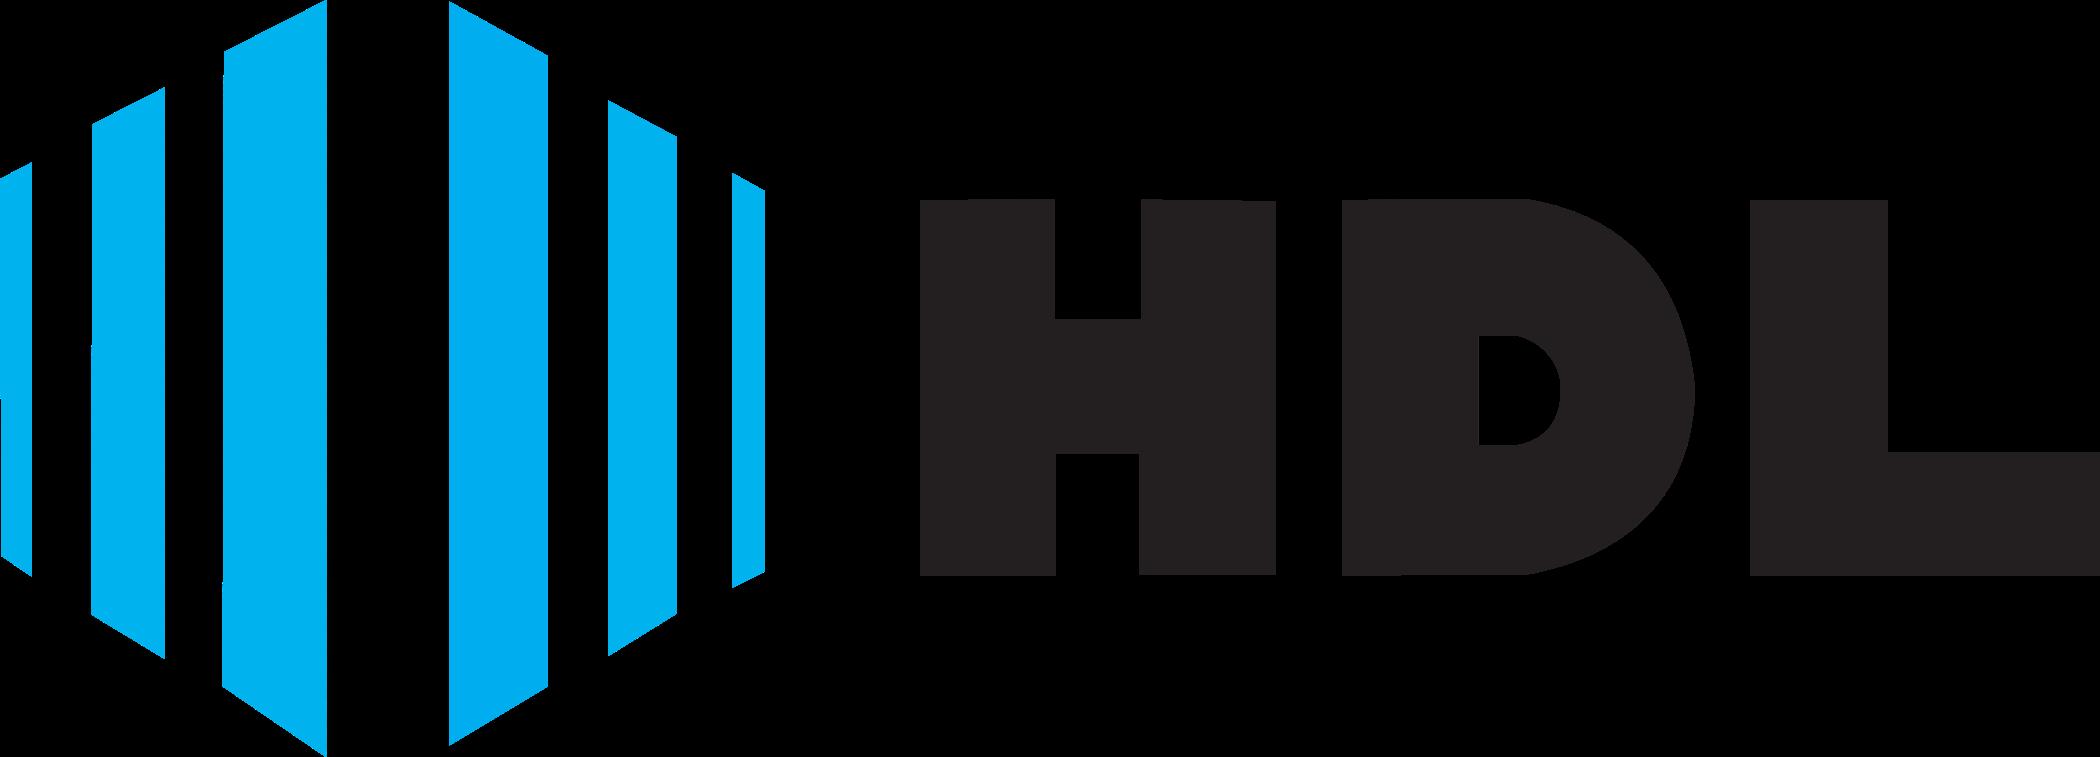 hdl-logo-1